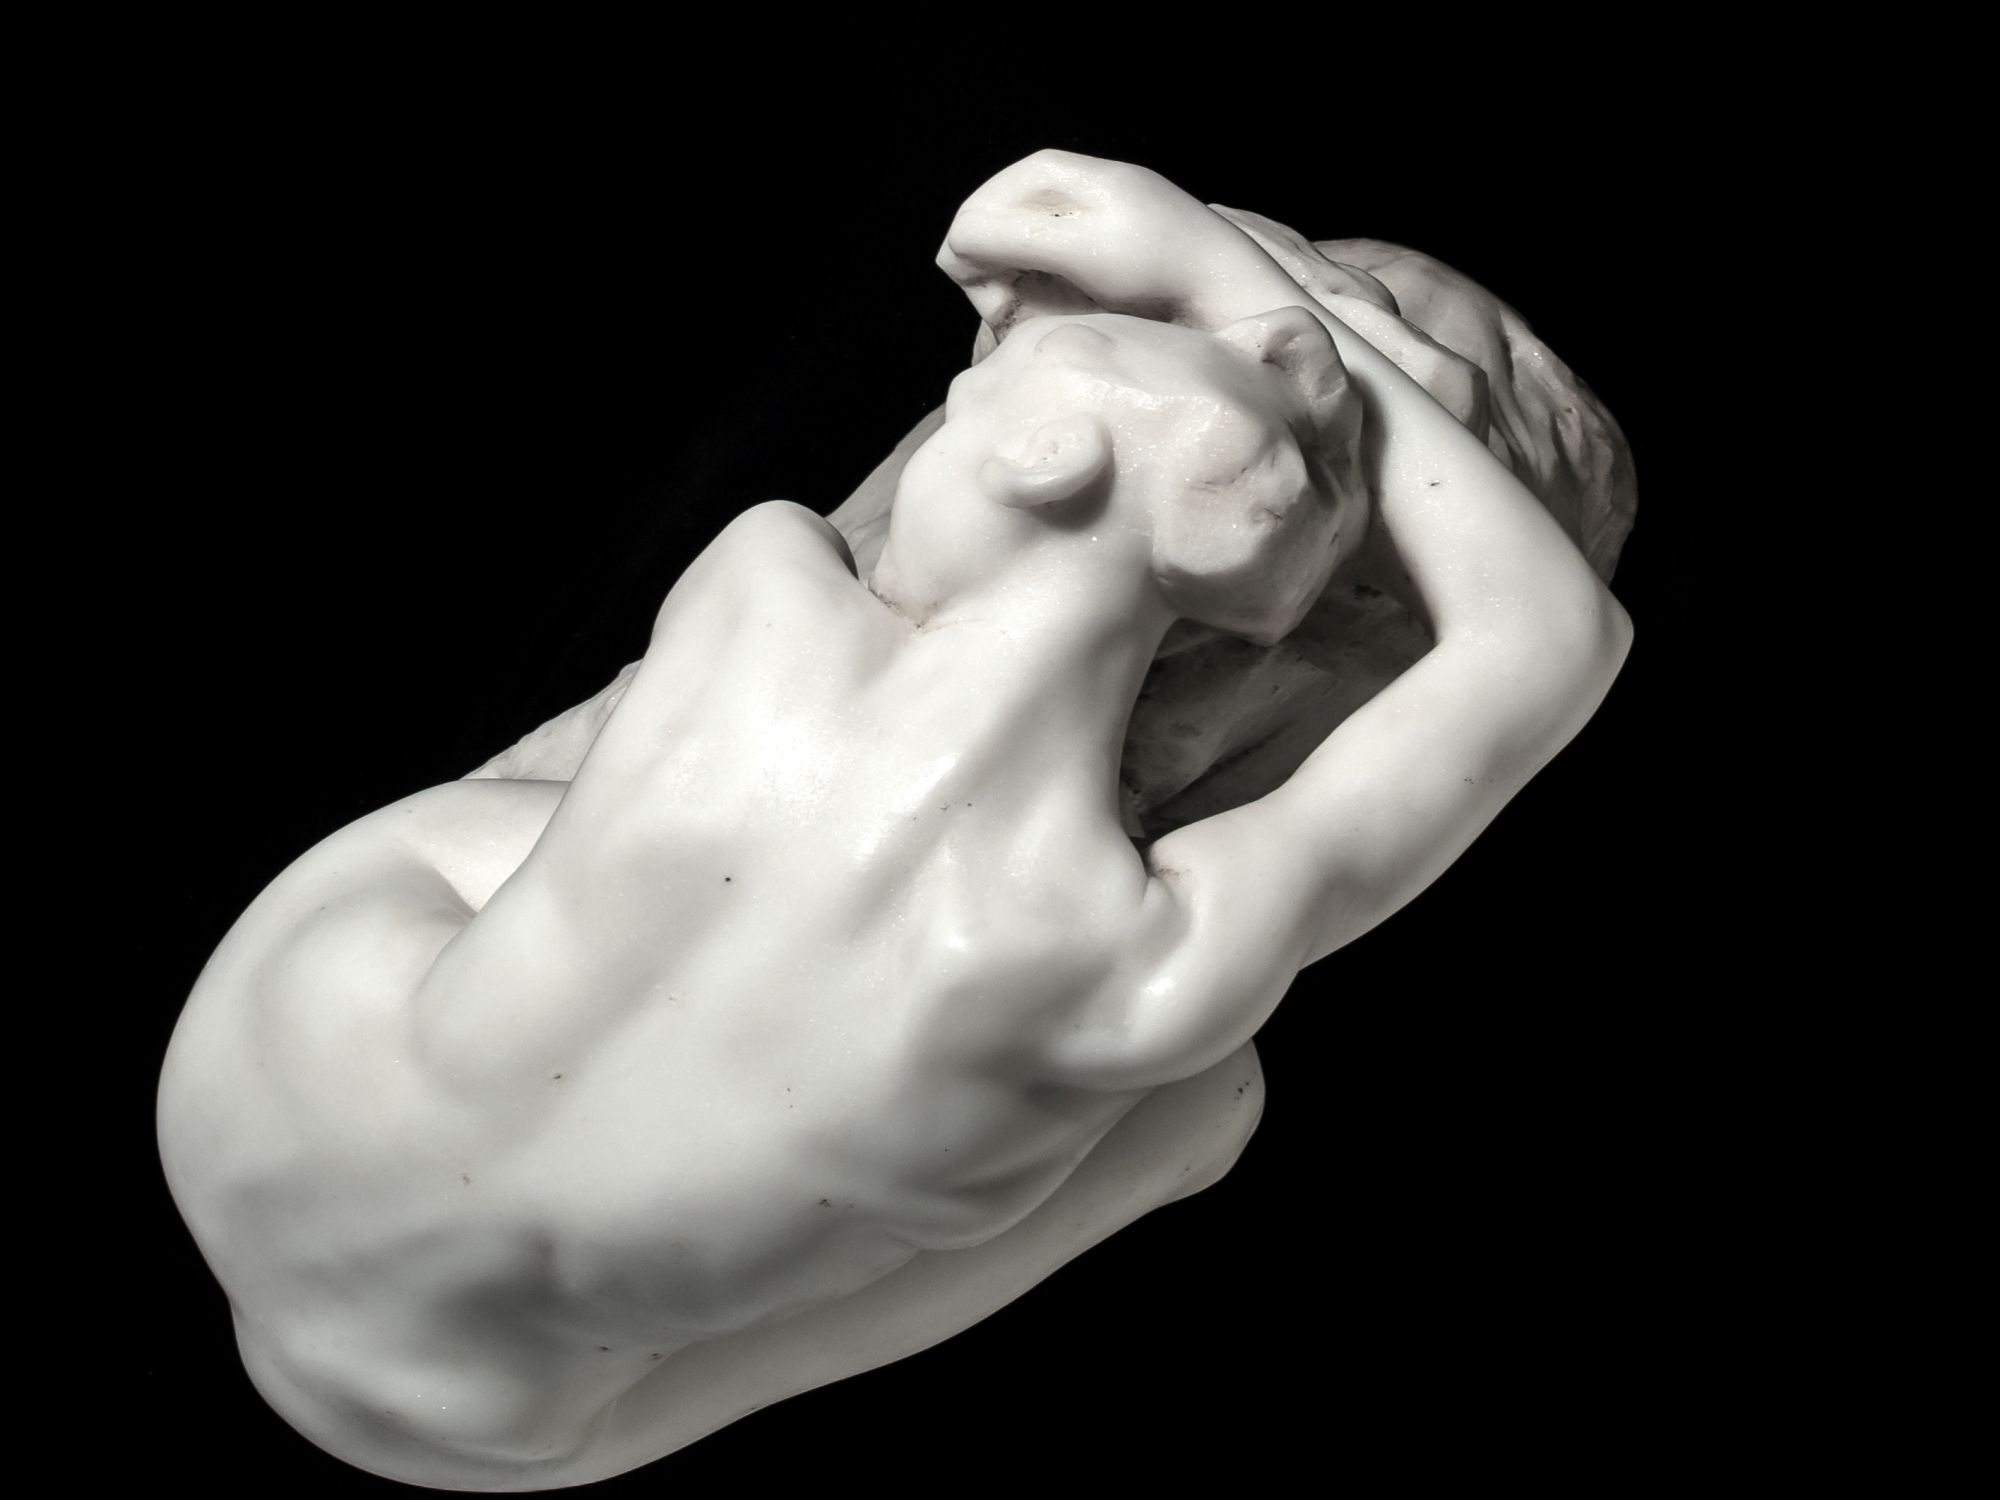 Встолице франции ушла смолотка скульптура Огюста Родена «Андромеда»